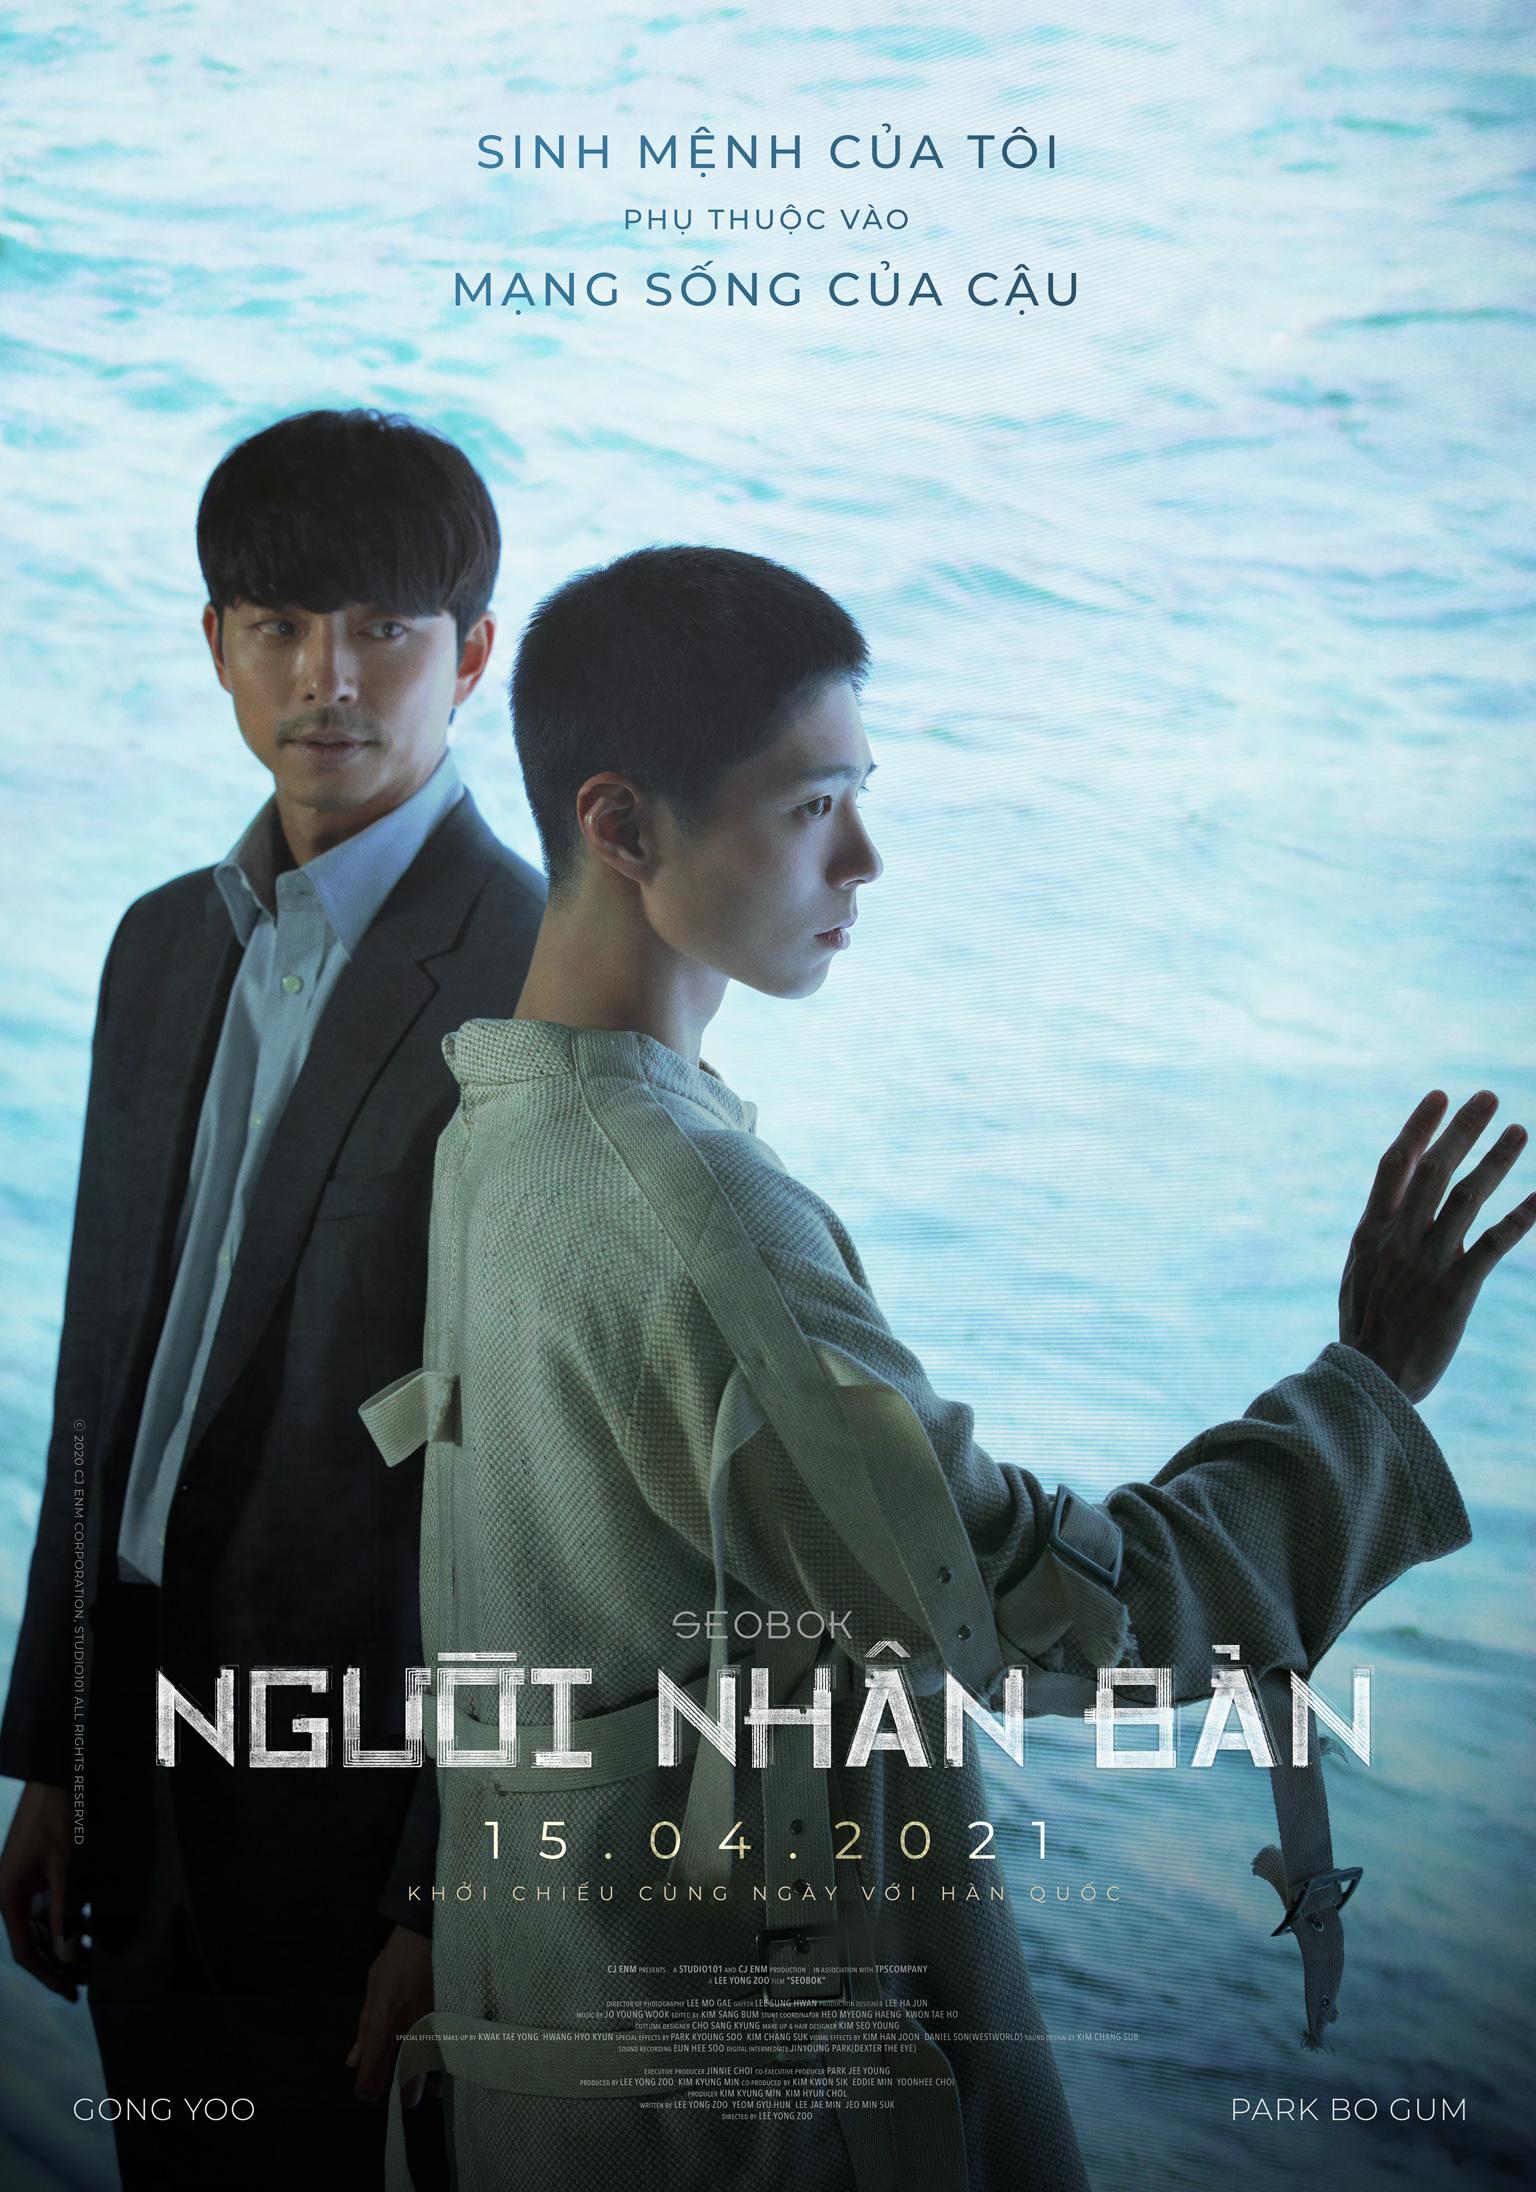 Phim hành động Seobok